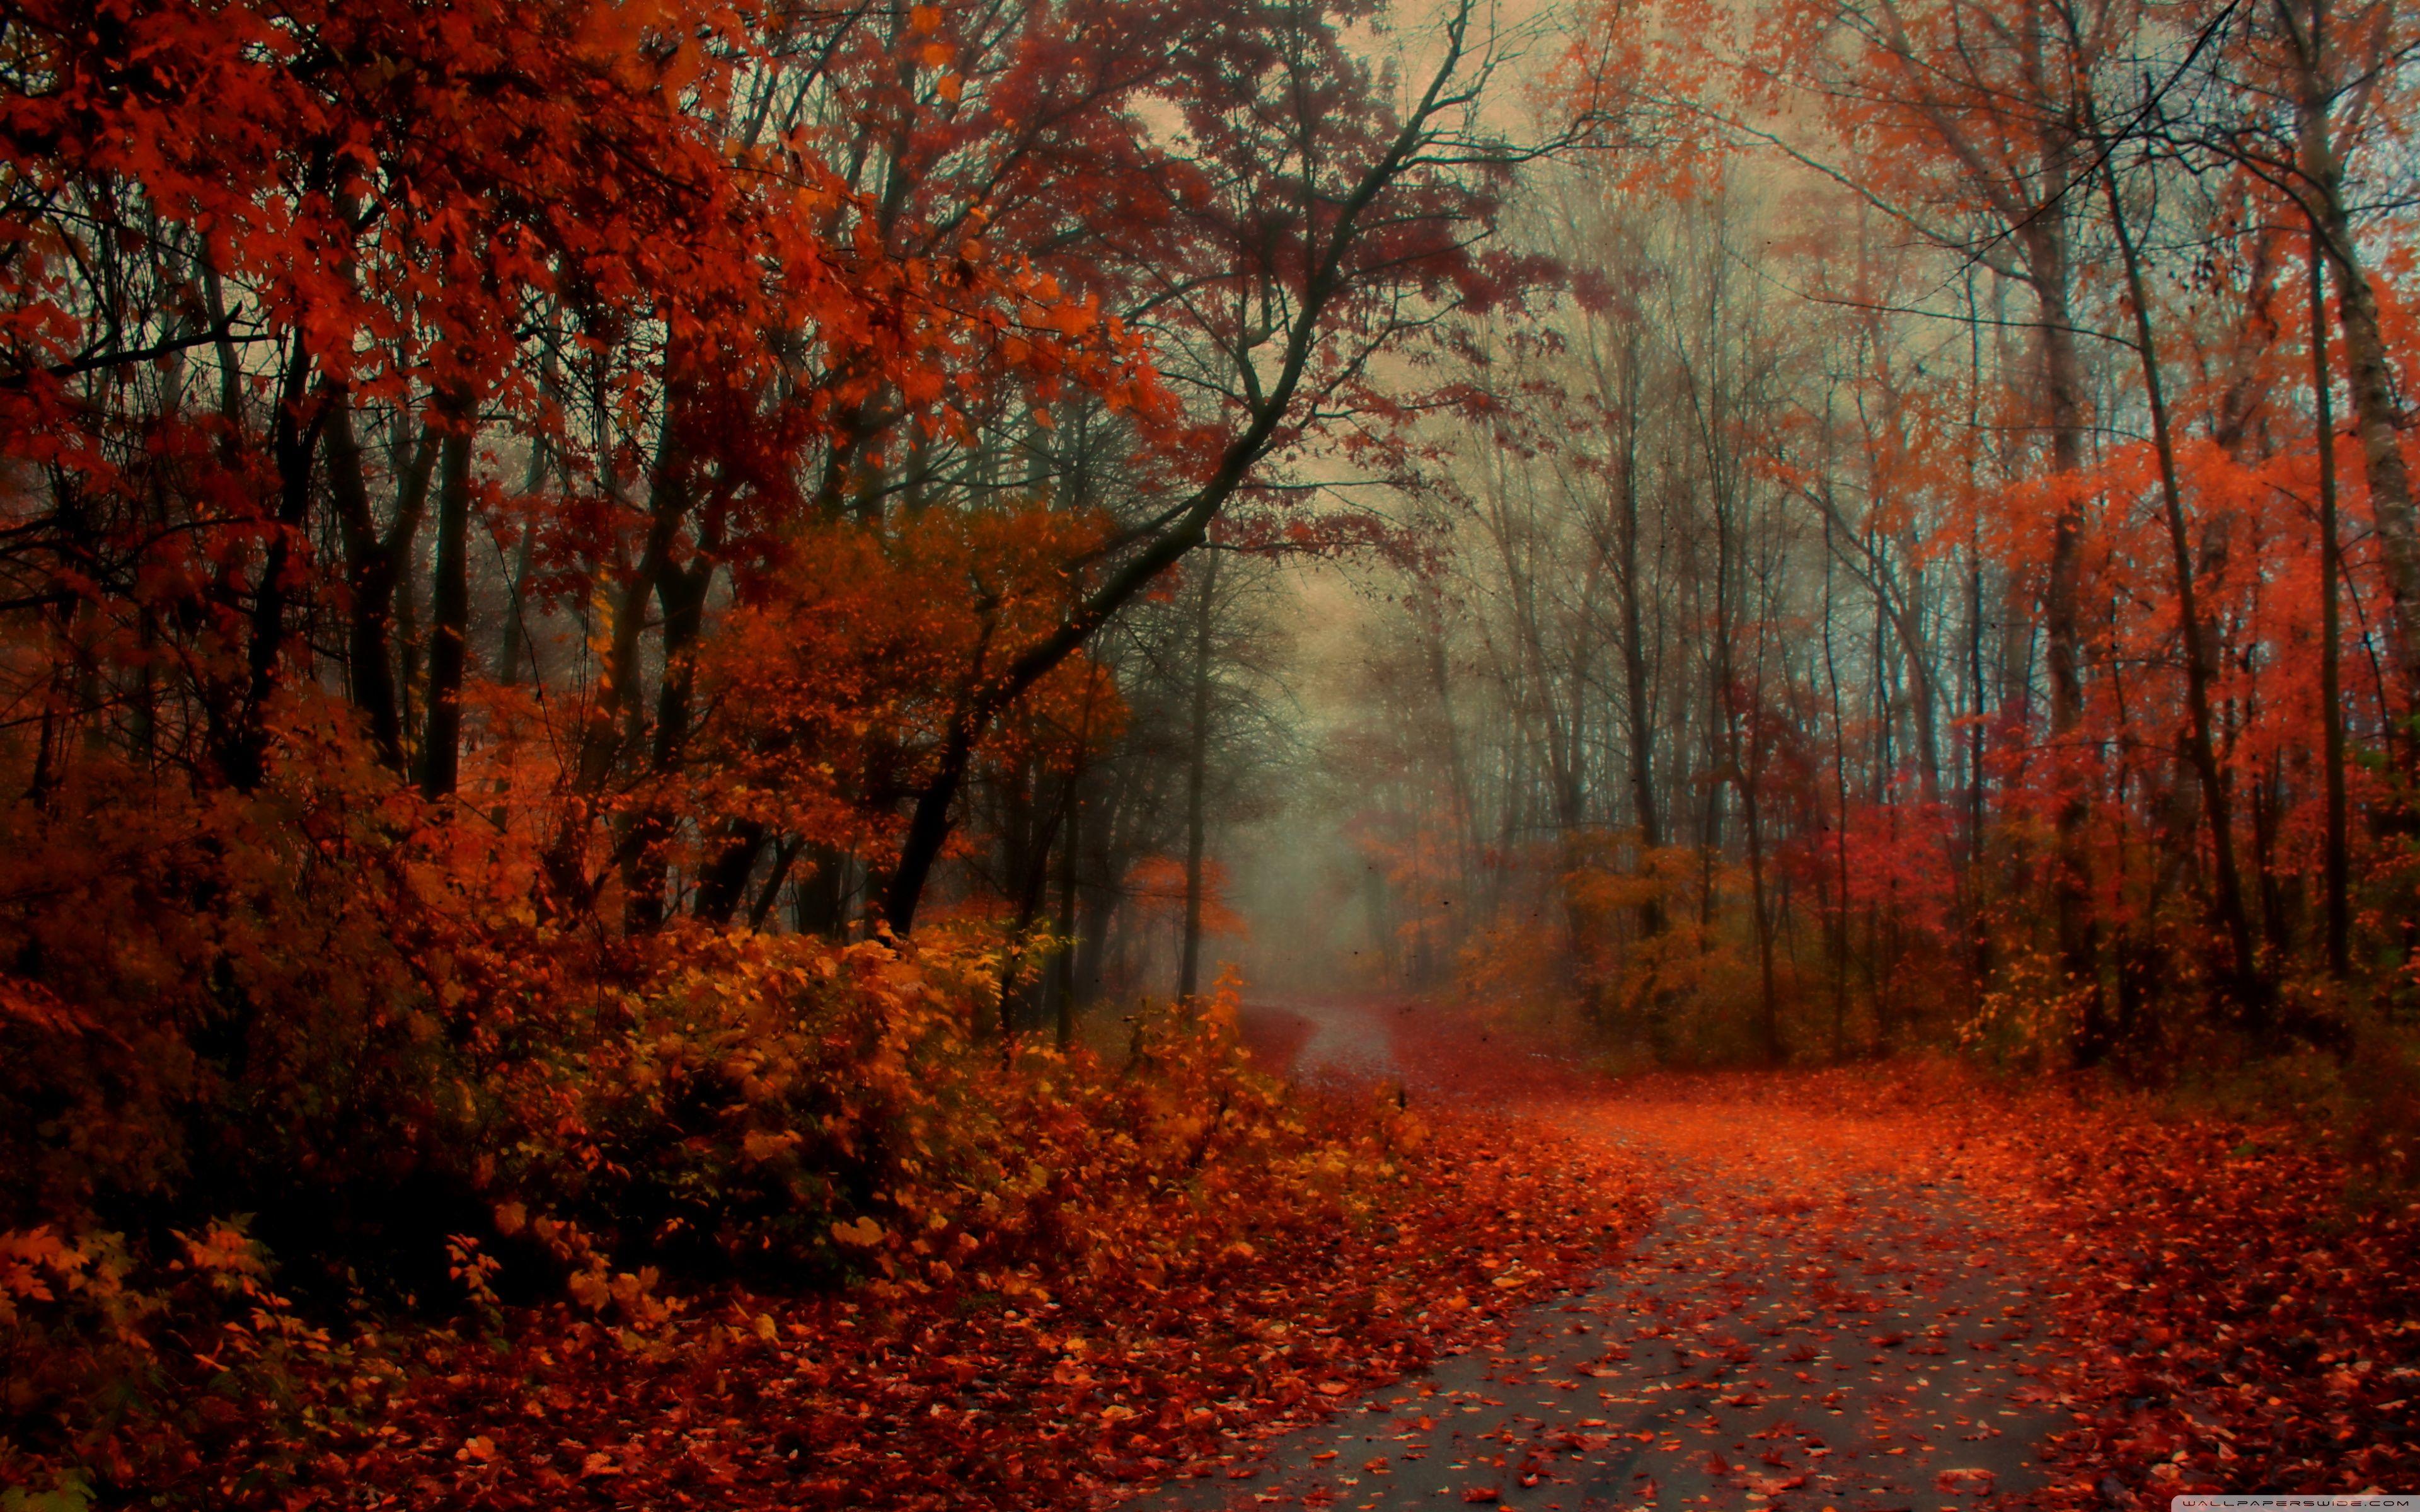 Misty Morning Walk HD Desktop Wallpaper Widescreen High